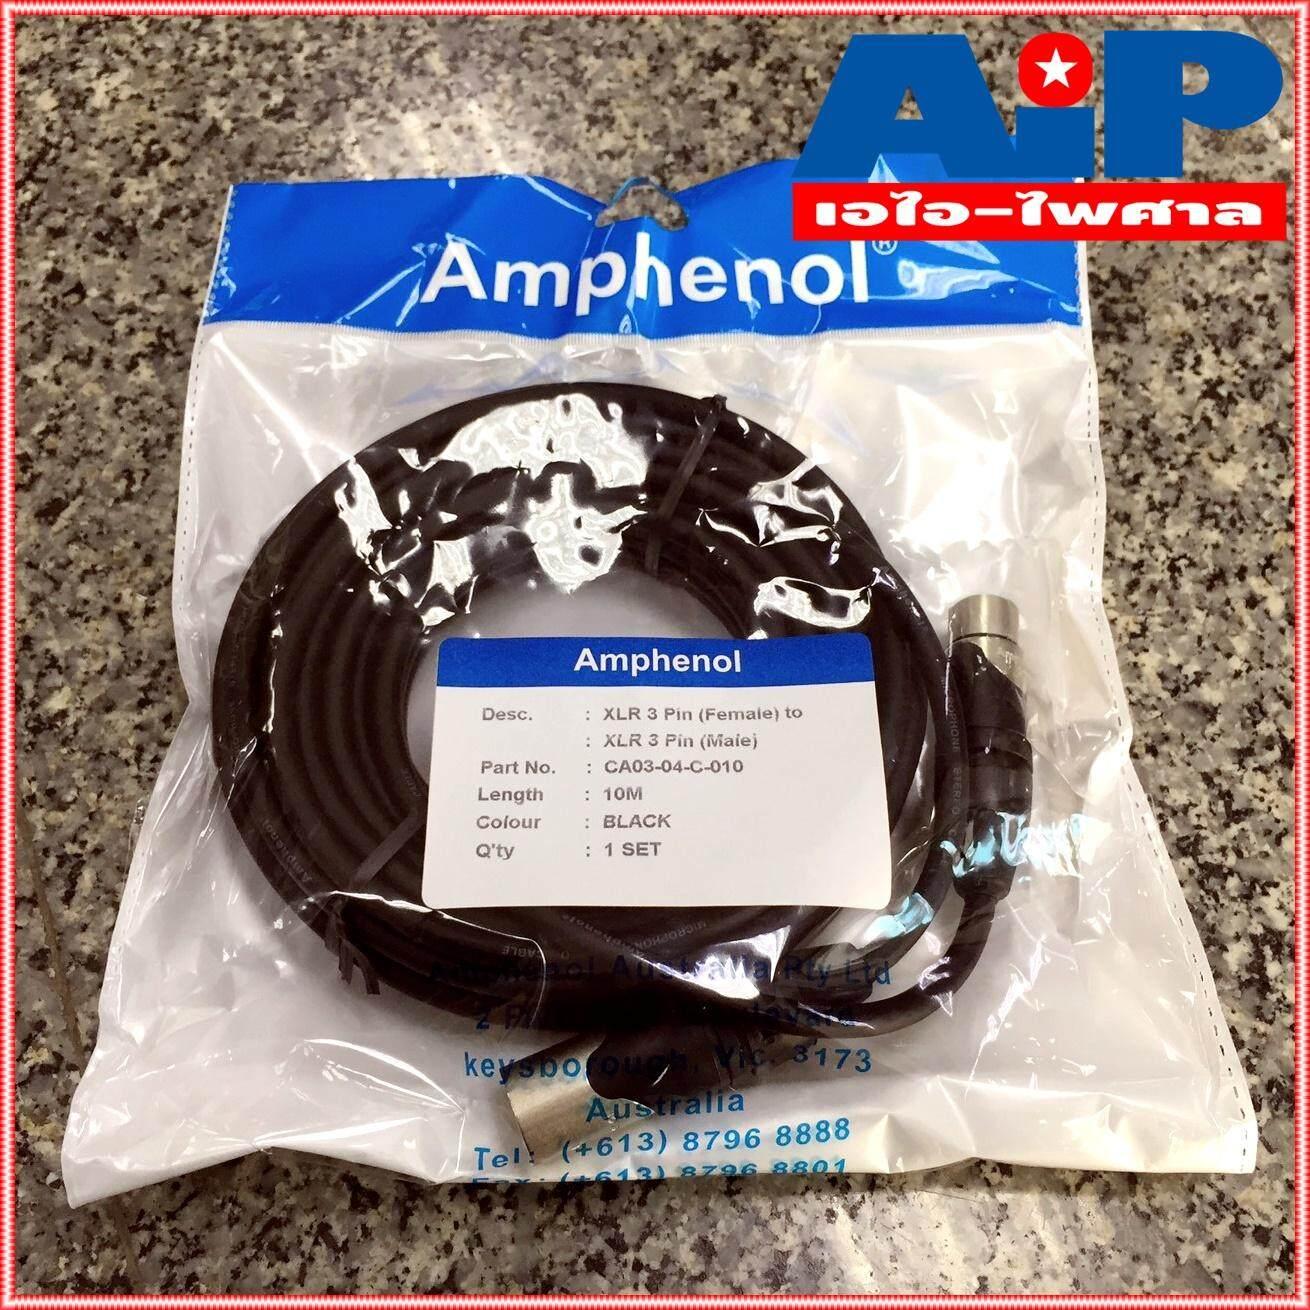 Amphenol Ca03-04-C-010 สายxlrผู้-เมีย ความยาว10เมตร.